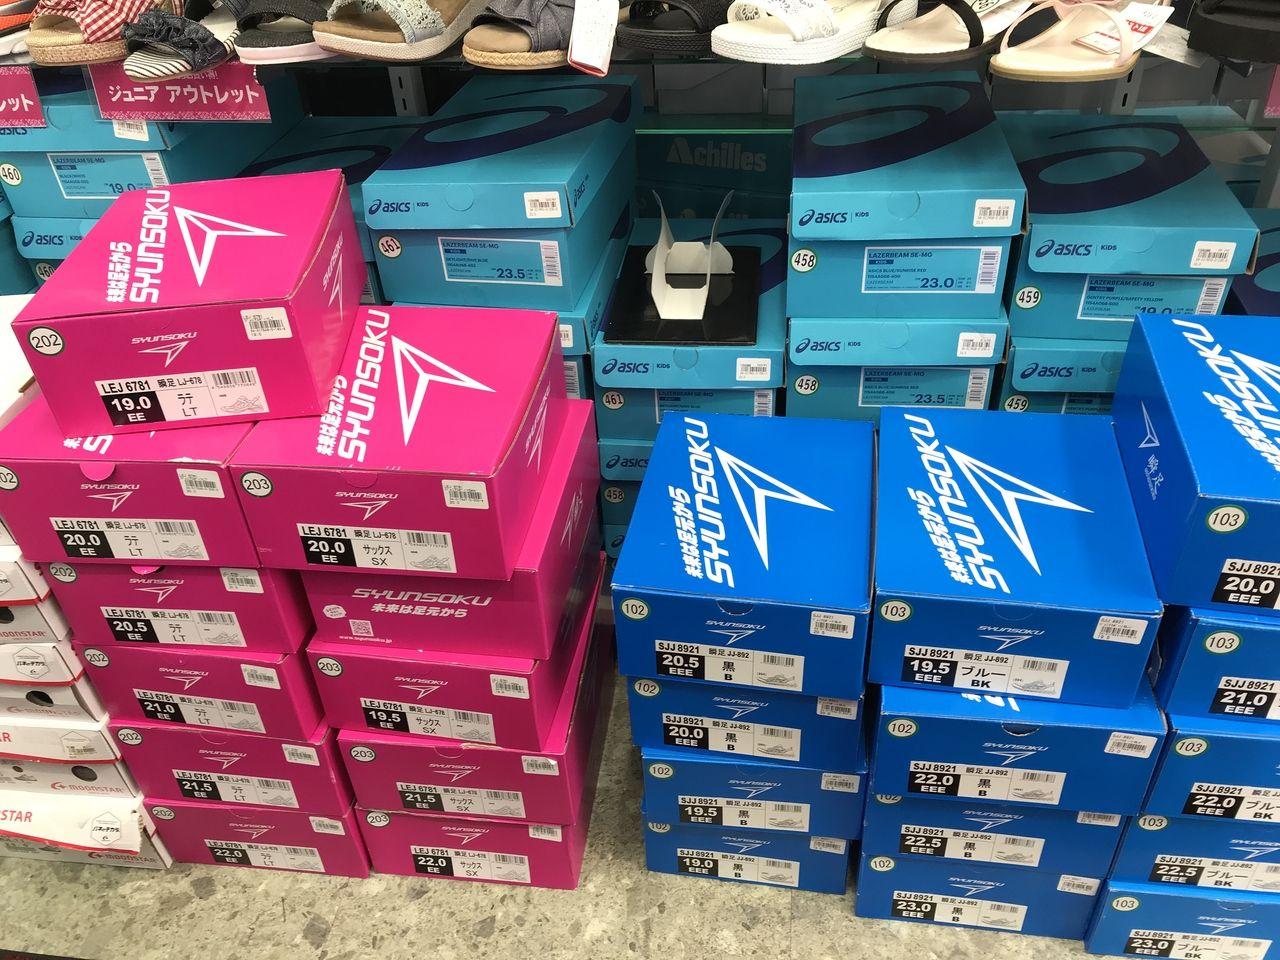 行徳の東京靴流通センターの靴箱